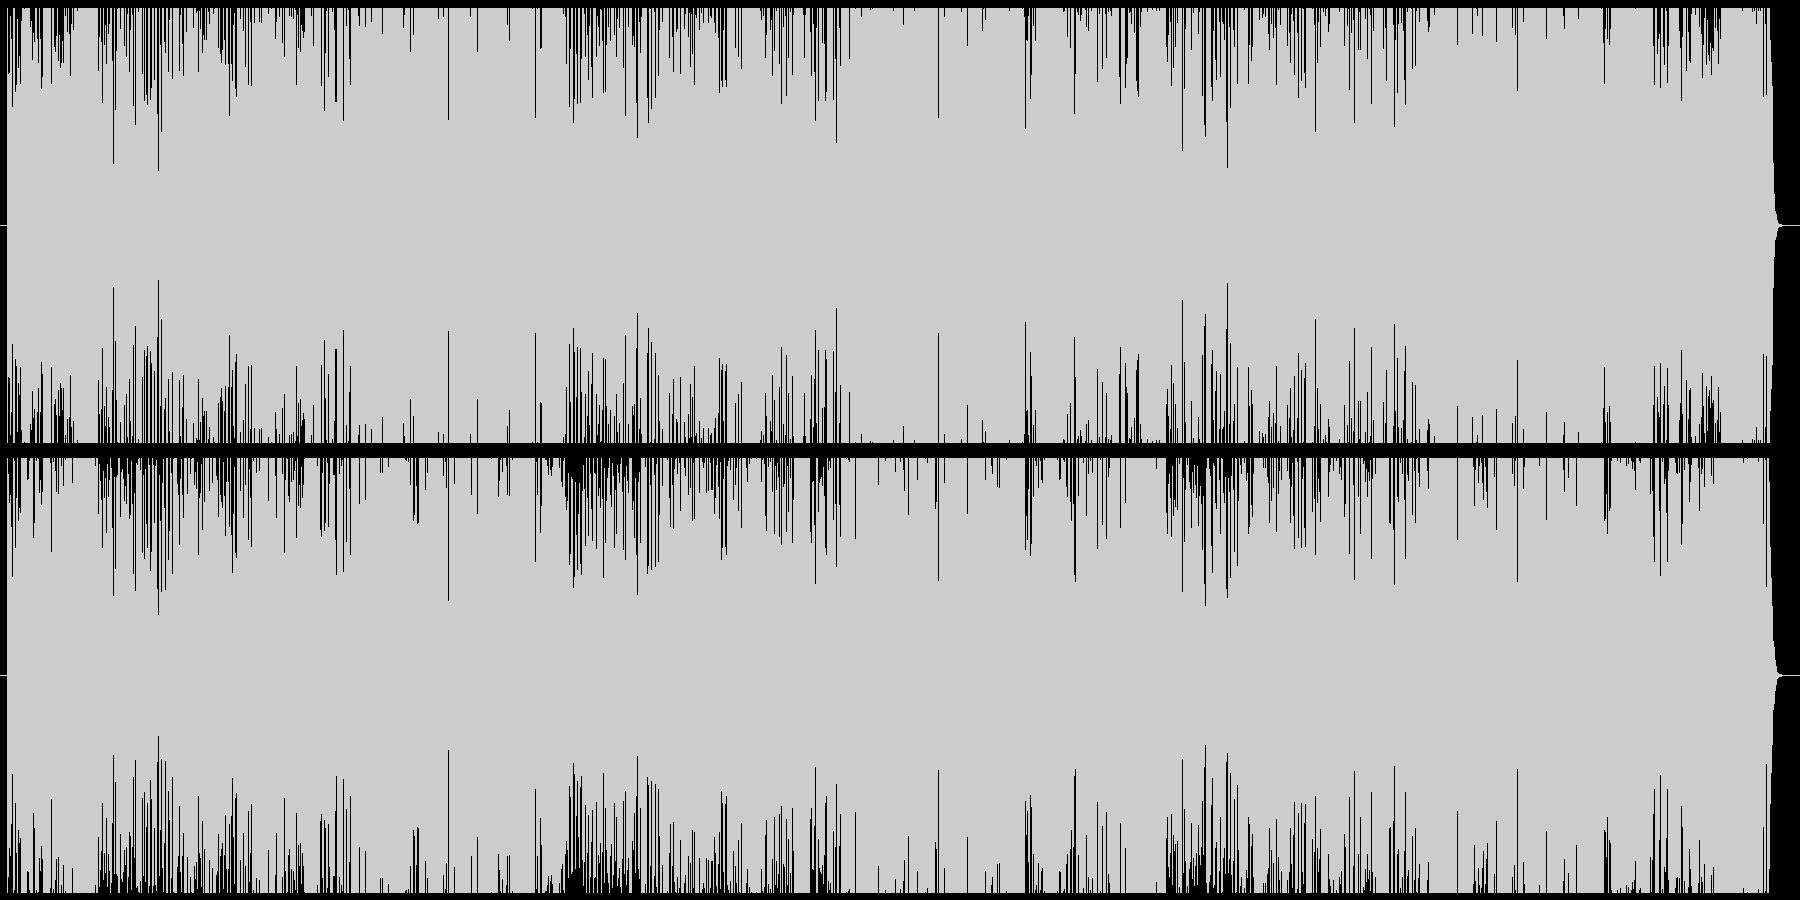 昭和のロボットアニメの主題歌風の未再生の波形